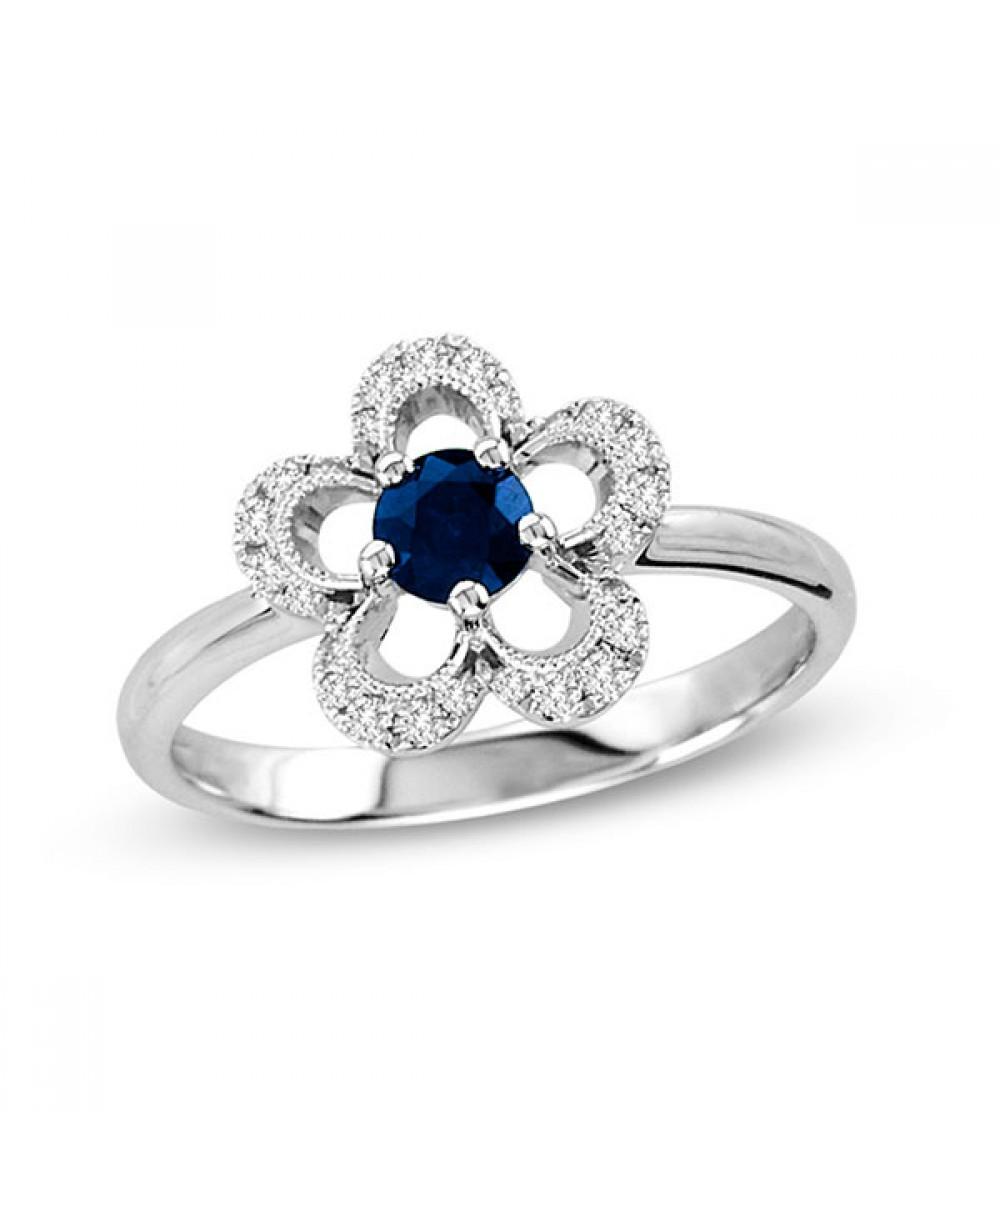 490f1b09afa85 Mais Imagens. Anel Flor em Ouro Branco 18K com Safira Azul e Diamantes  lapidação brilhante